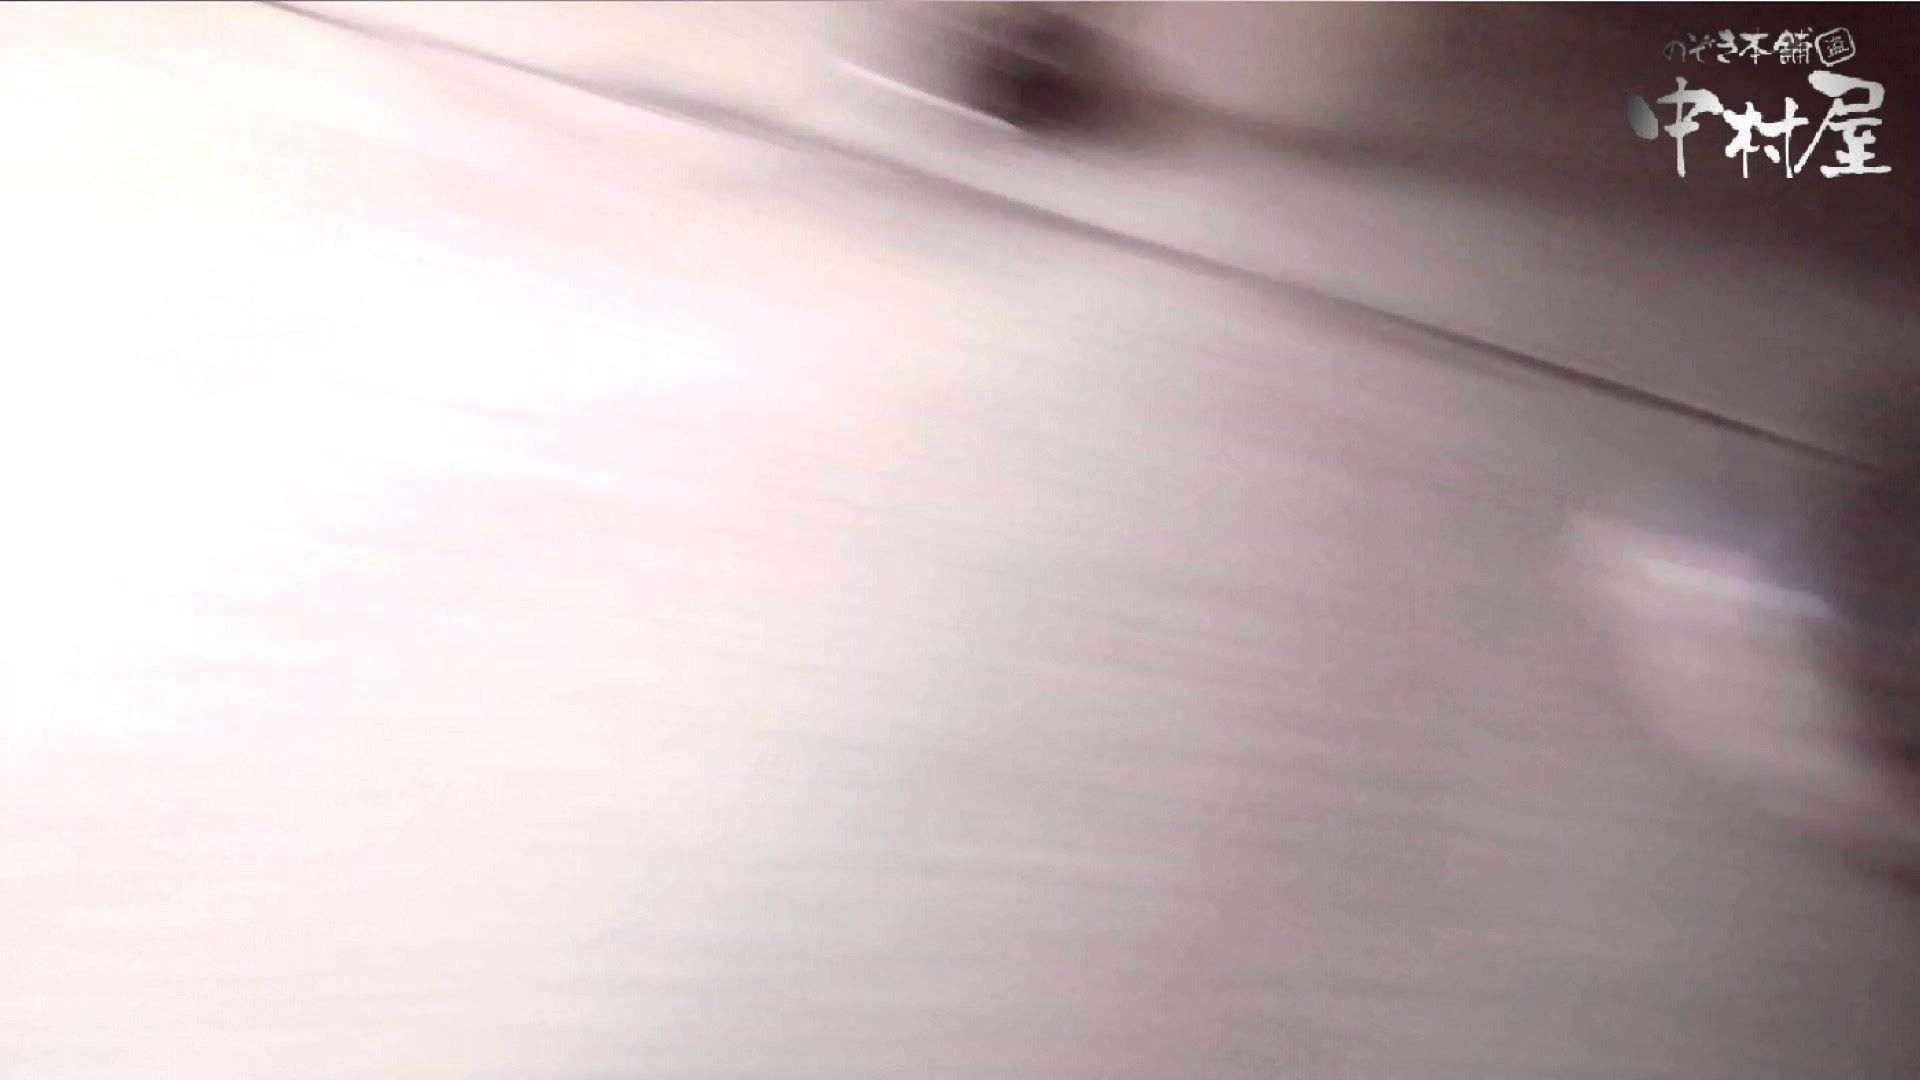 【世界の射窓から】世界の射窓から vol.6 洗面所編  81PIX 72